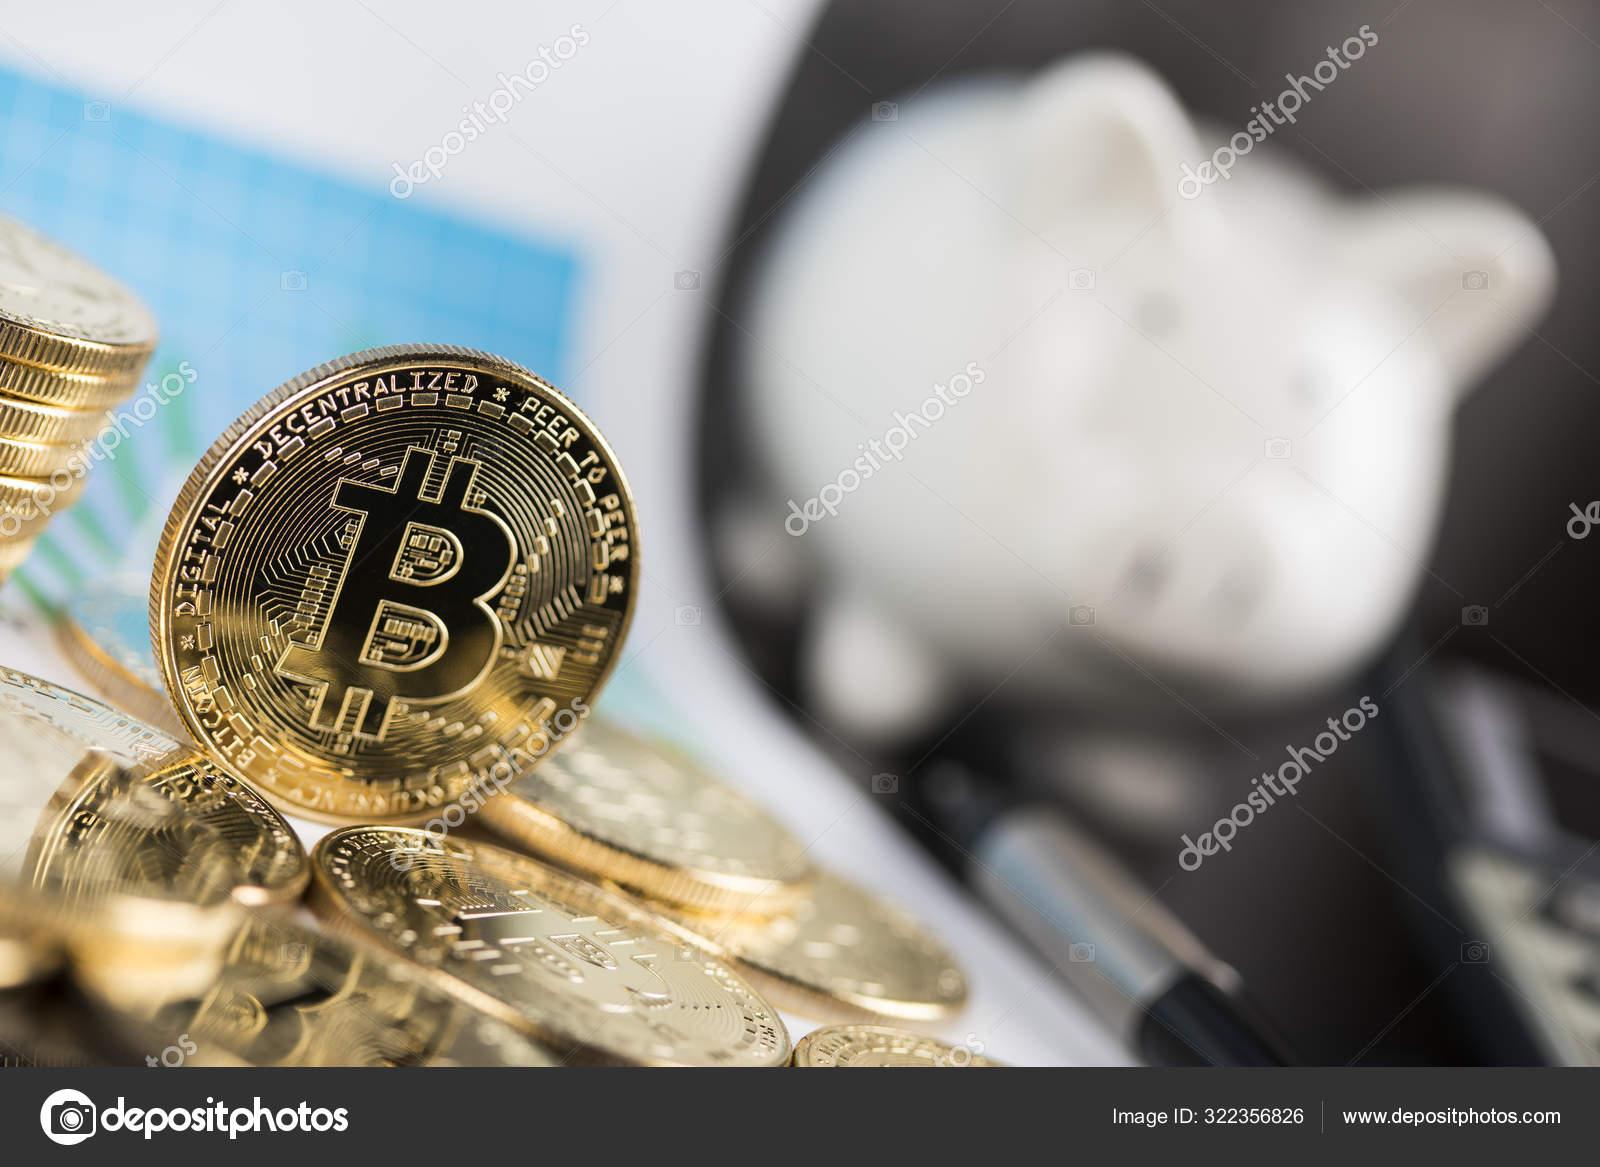 asteroid bitcoin miner